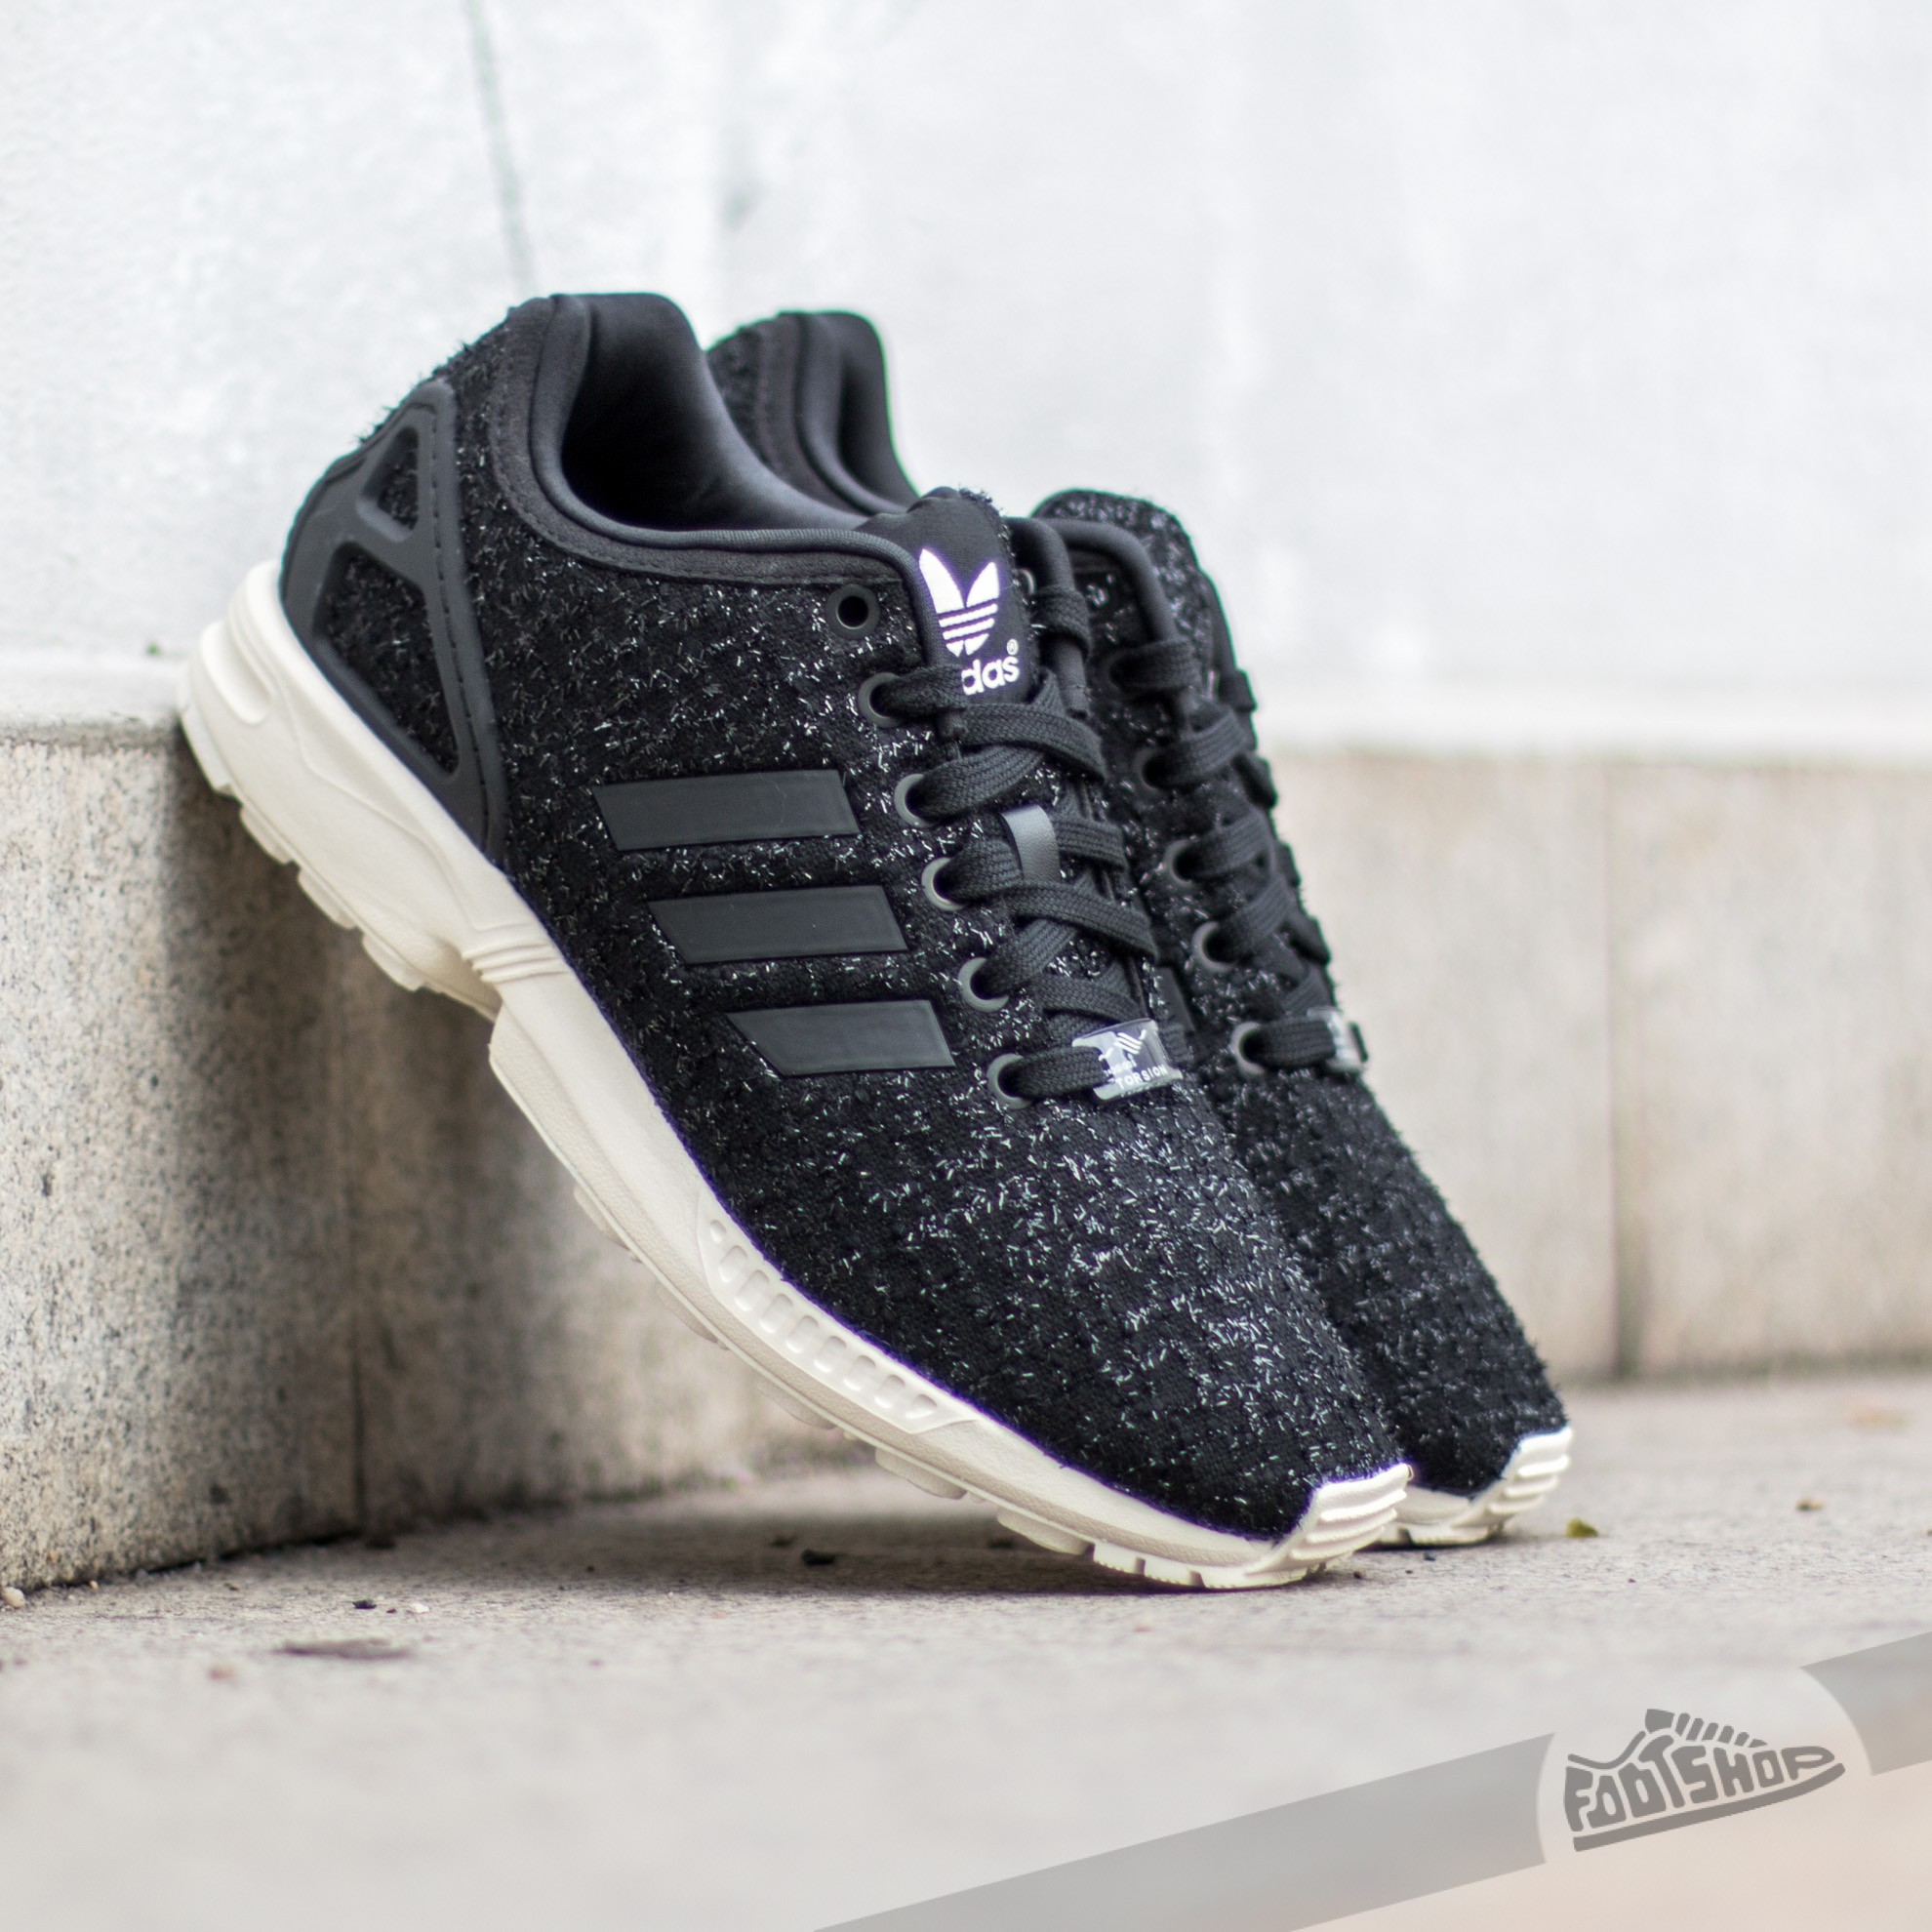 adidas ZX Flux W Core Black Core Black Ftw White | Footshop